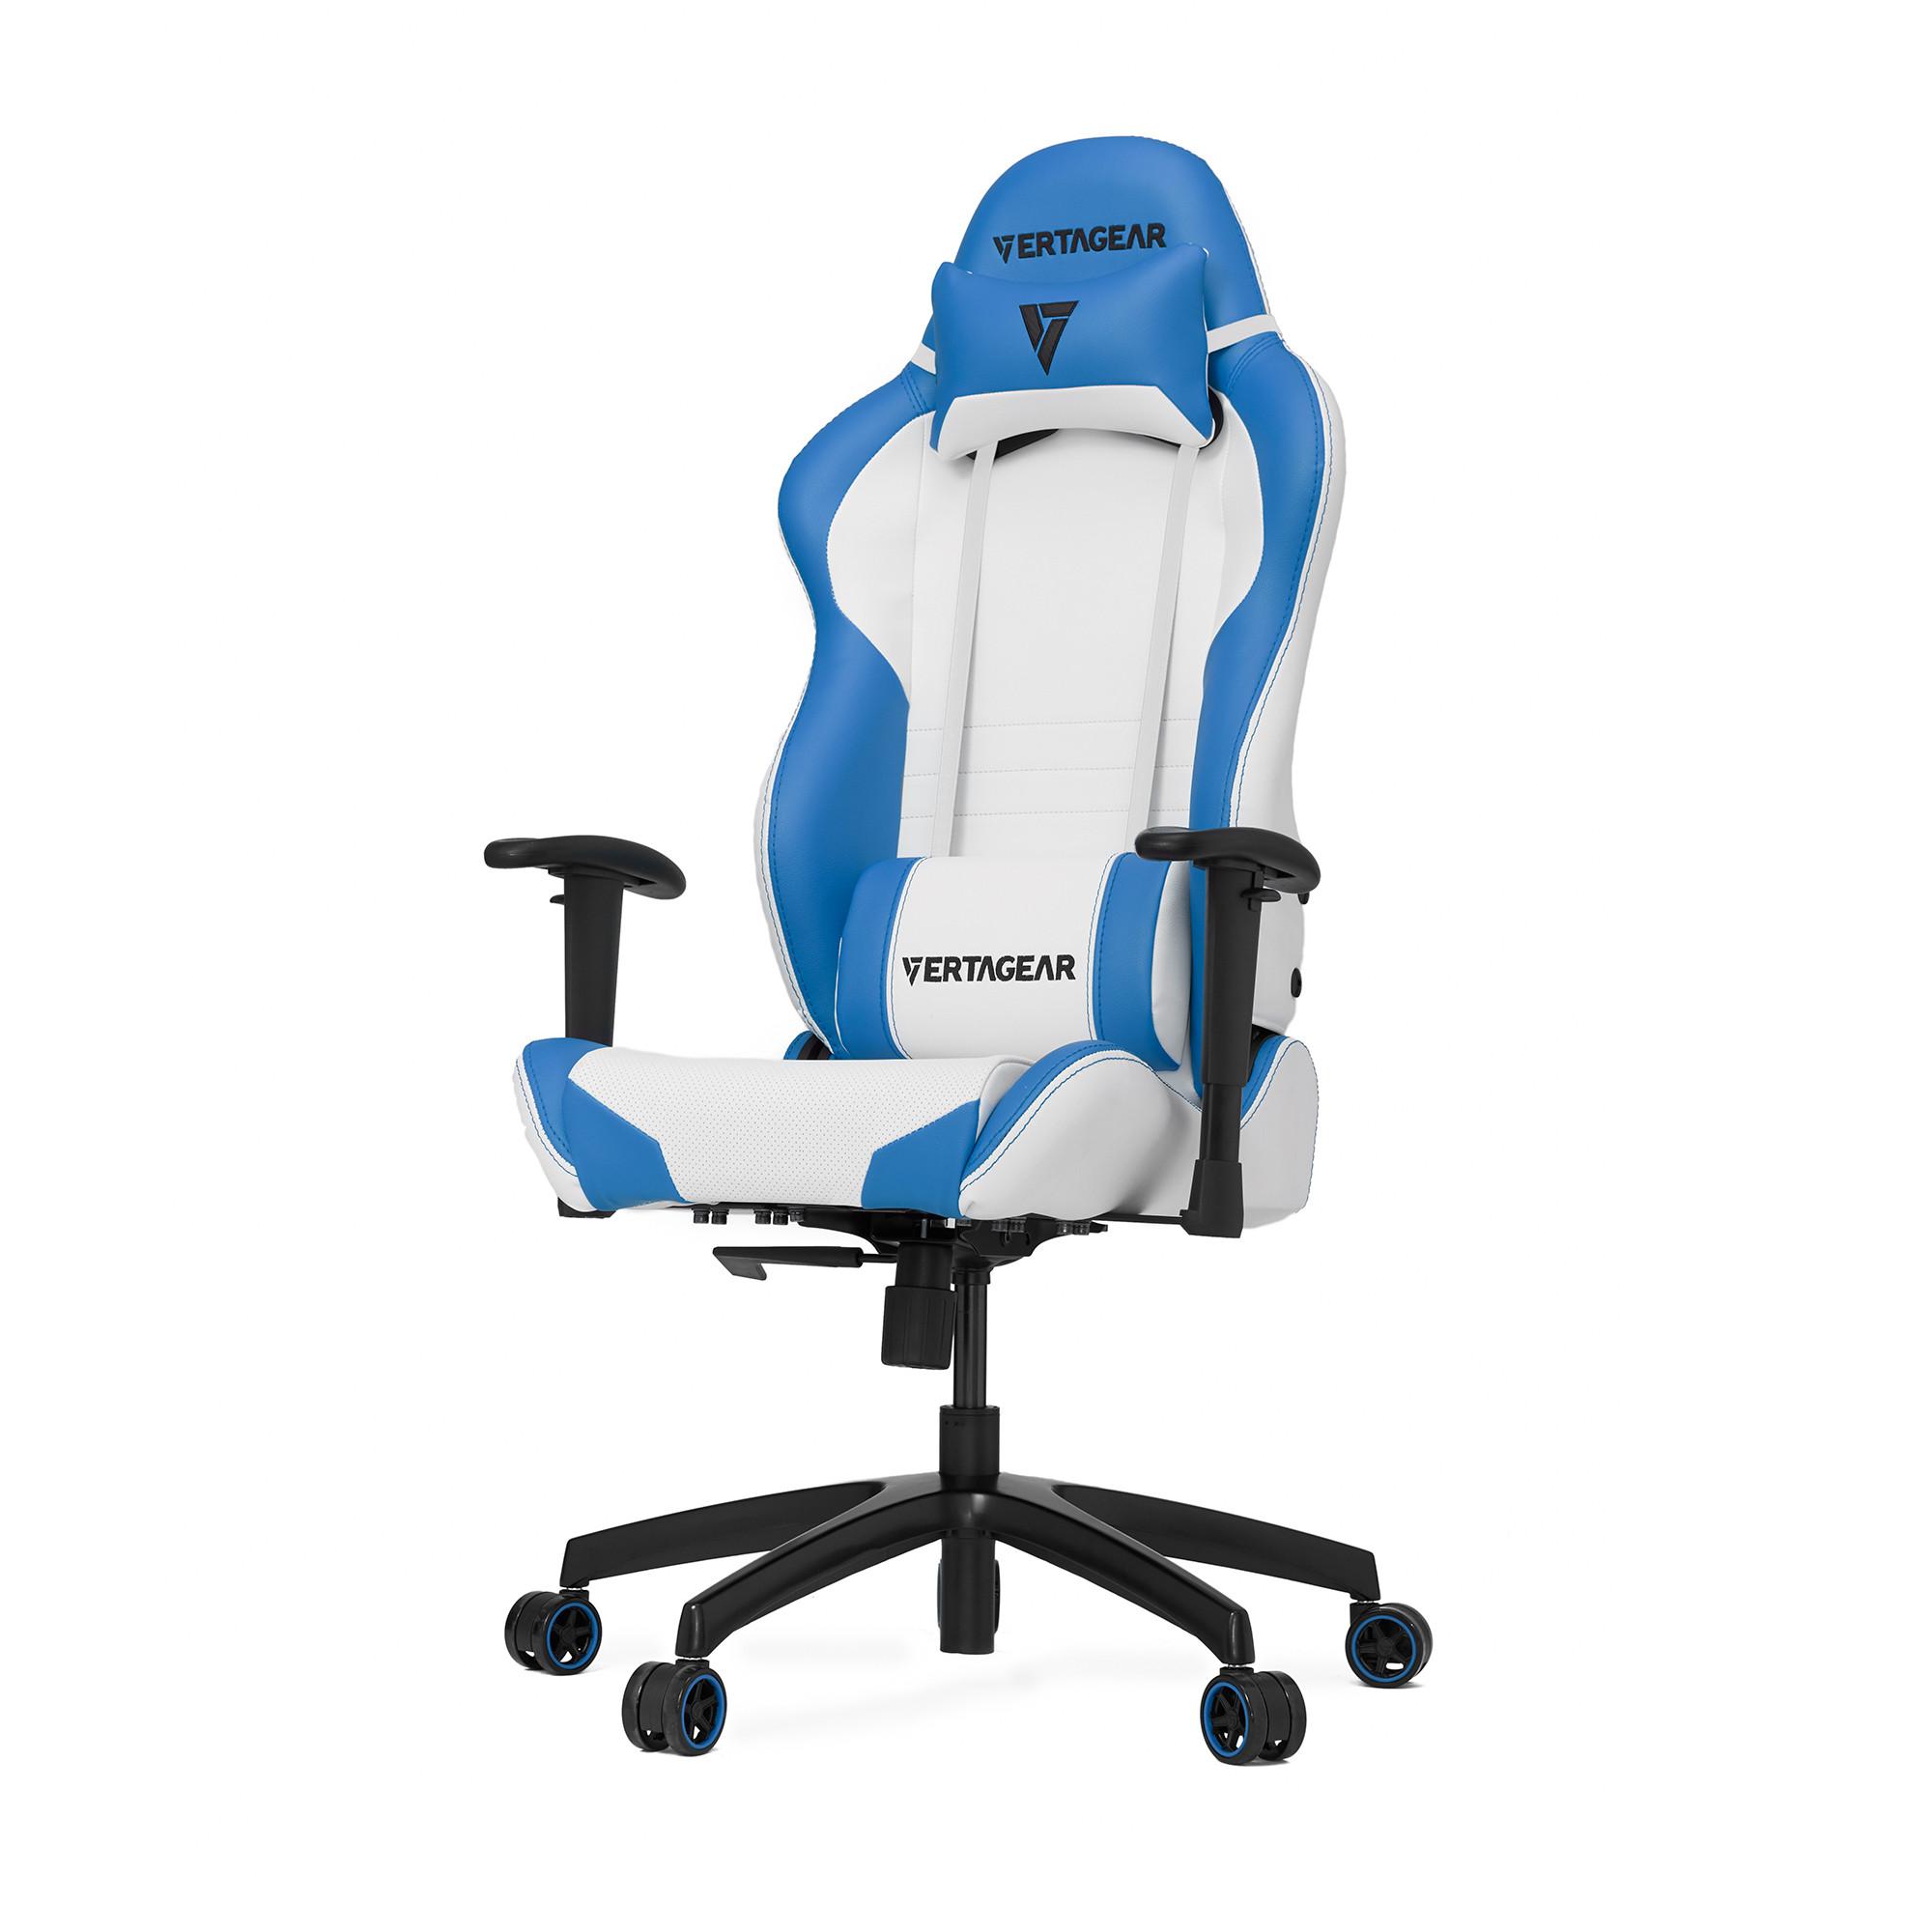 Профессиональное киберспортивное кресло Vertagear SL2000 белый/синийНабивка в SL-2000 сделанная из высокоплотной эластичной пены, которая добавляет отличную поддержку и удобство в положении сидя.&#13;<br>&#13;<br>Элегантное исполнение модели SL-2000 сделано из высококачественной PVC кожи, которая делает покрытие невероятно прочным и дает креслу роскошный вид. Этот материал легко чистить и поддерживать в хорошем состоянии, благодаря цветной прошивке и водозащитным характеристикам.<br>